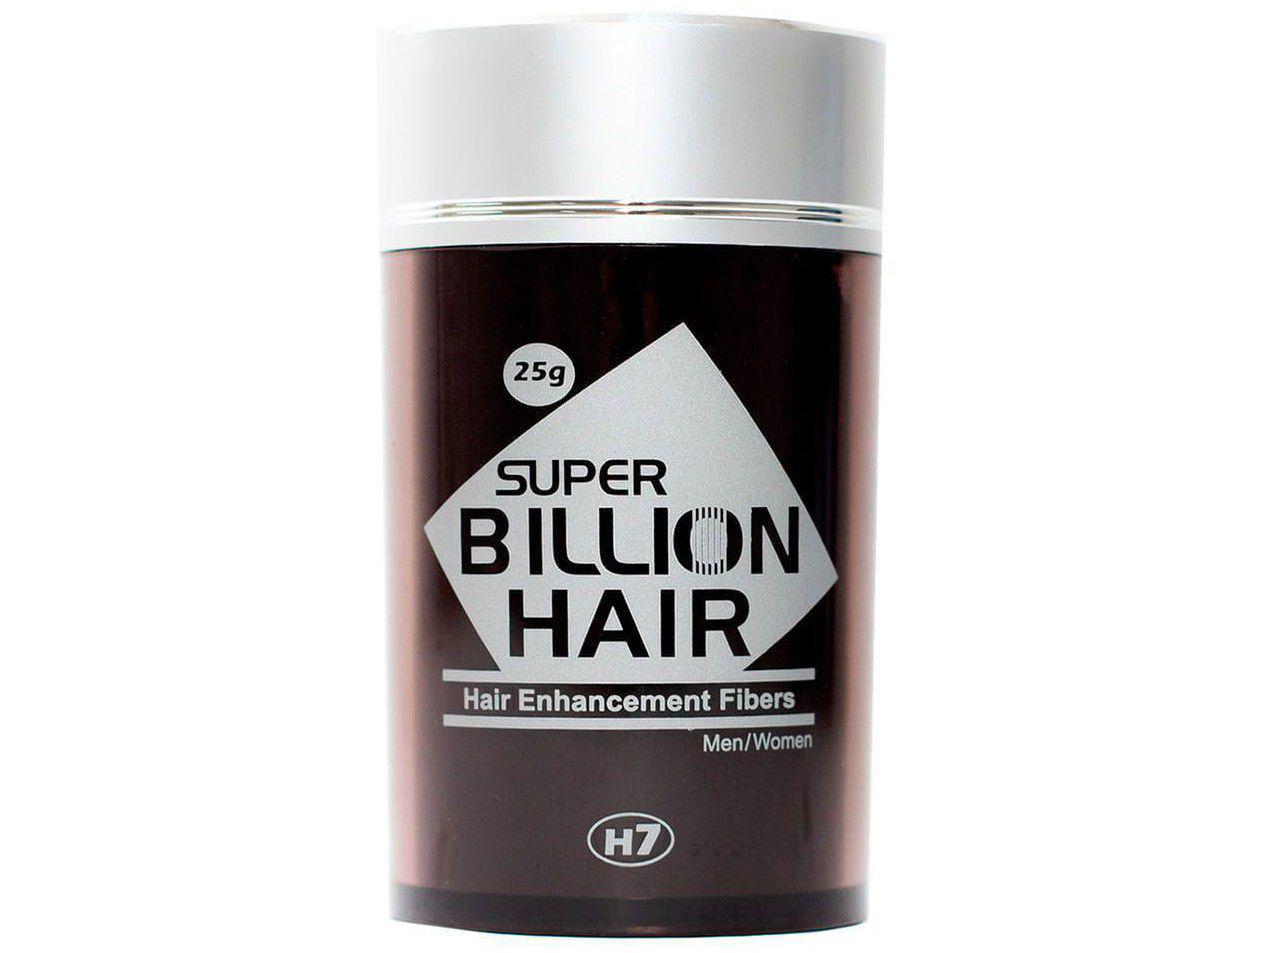 Super Billion Hair Fibers 25g - Maquiagem para Calvície - Cor Preto